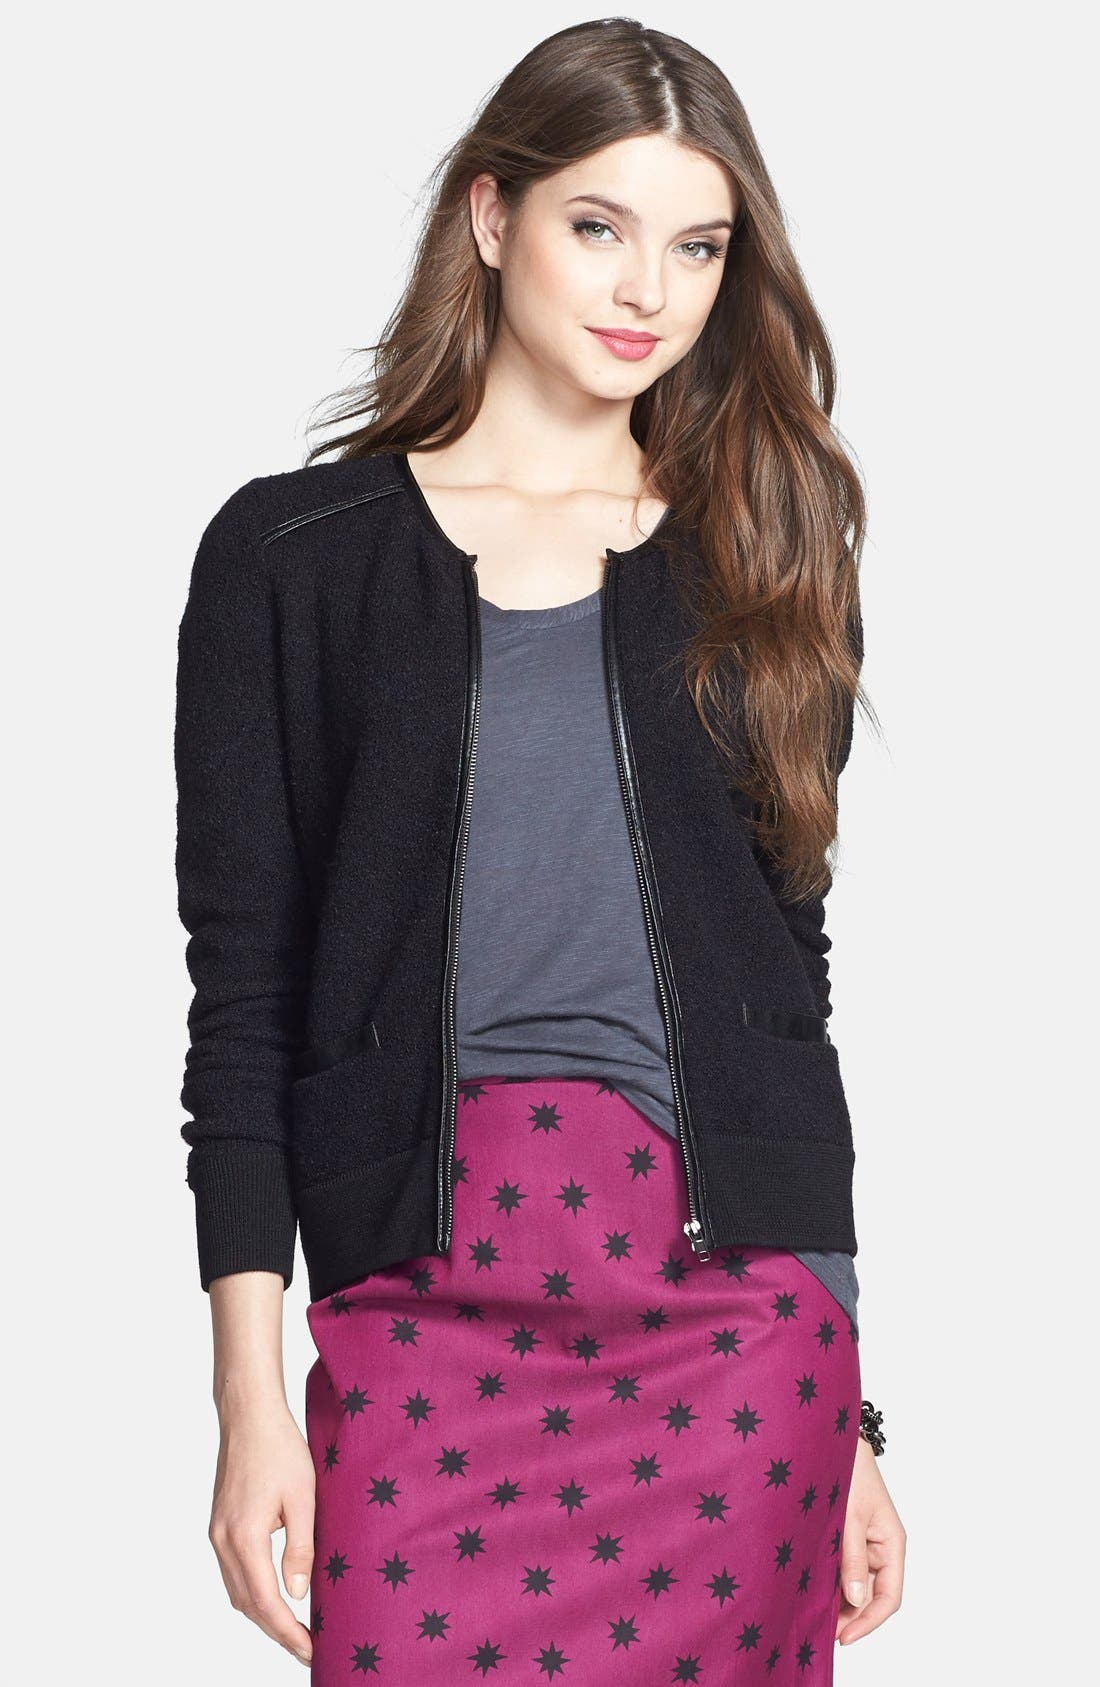 Alternate Image 1 Selected - Halogen® Front Zip Sweater Jacket (Regular & Petite)